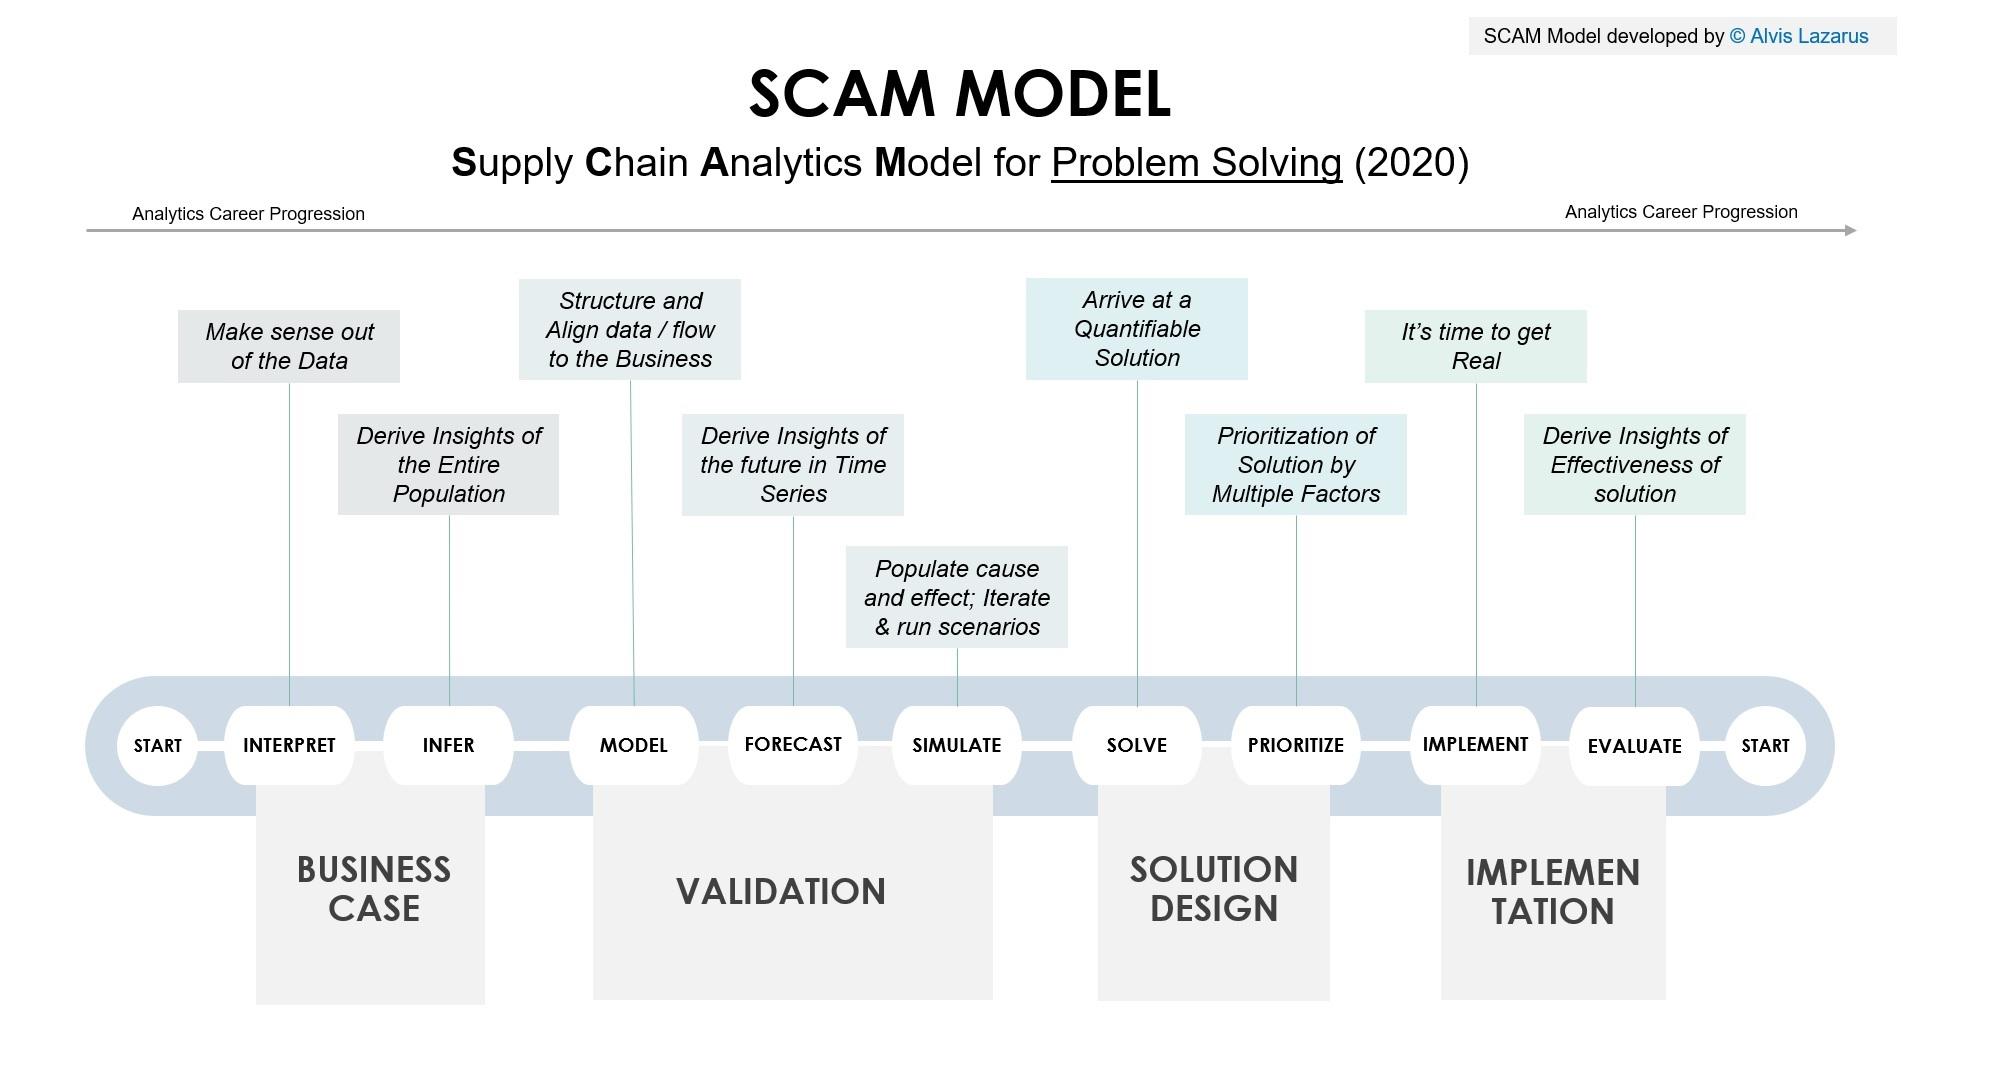 Supply Chain Analytics – SCAM Model by Alvis Lazarus